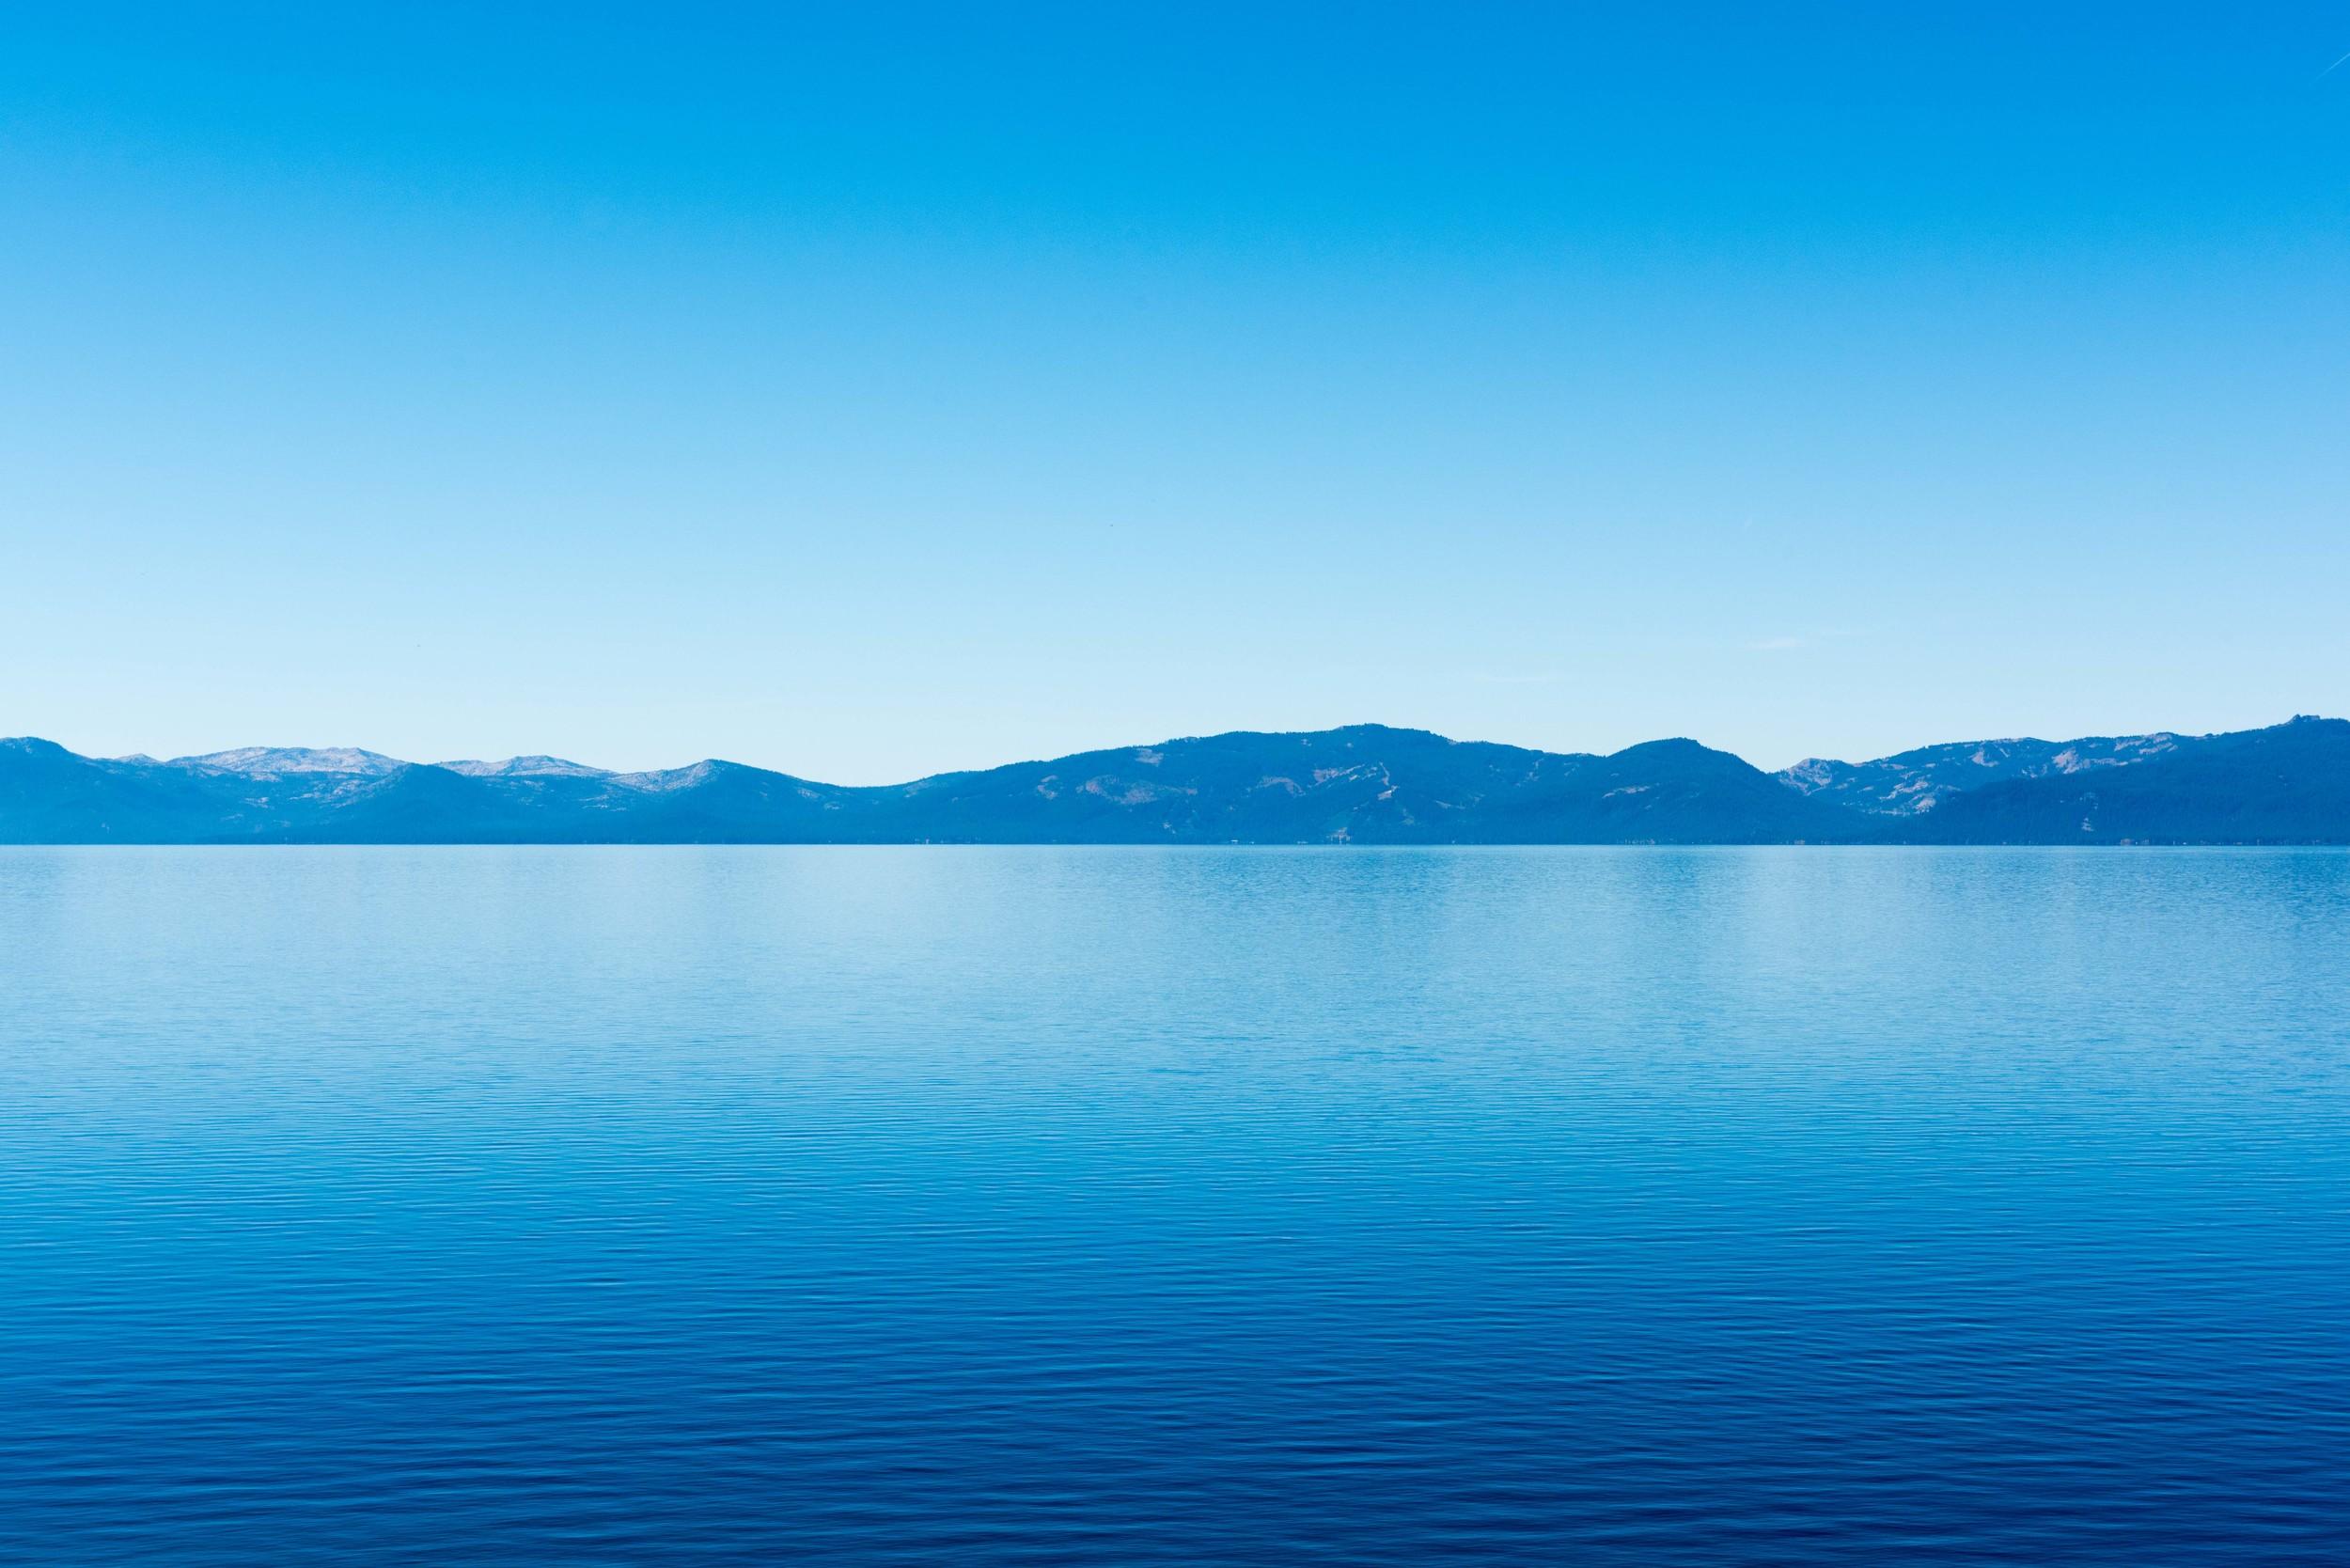 lake-tahoe-ca-15